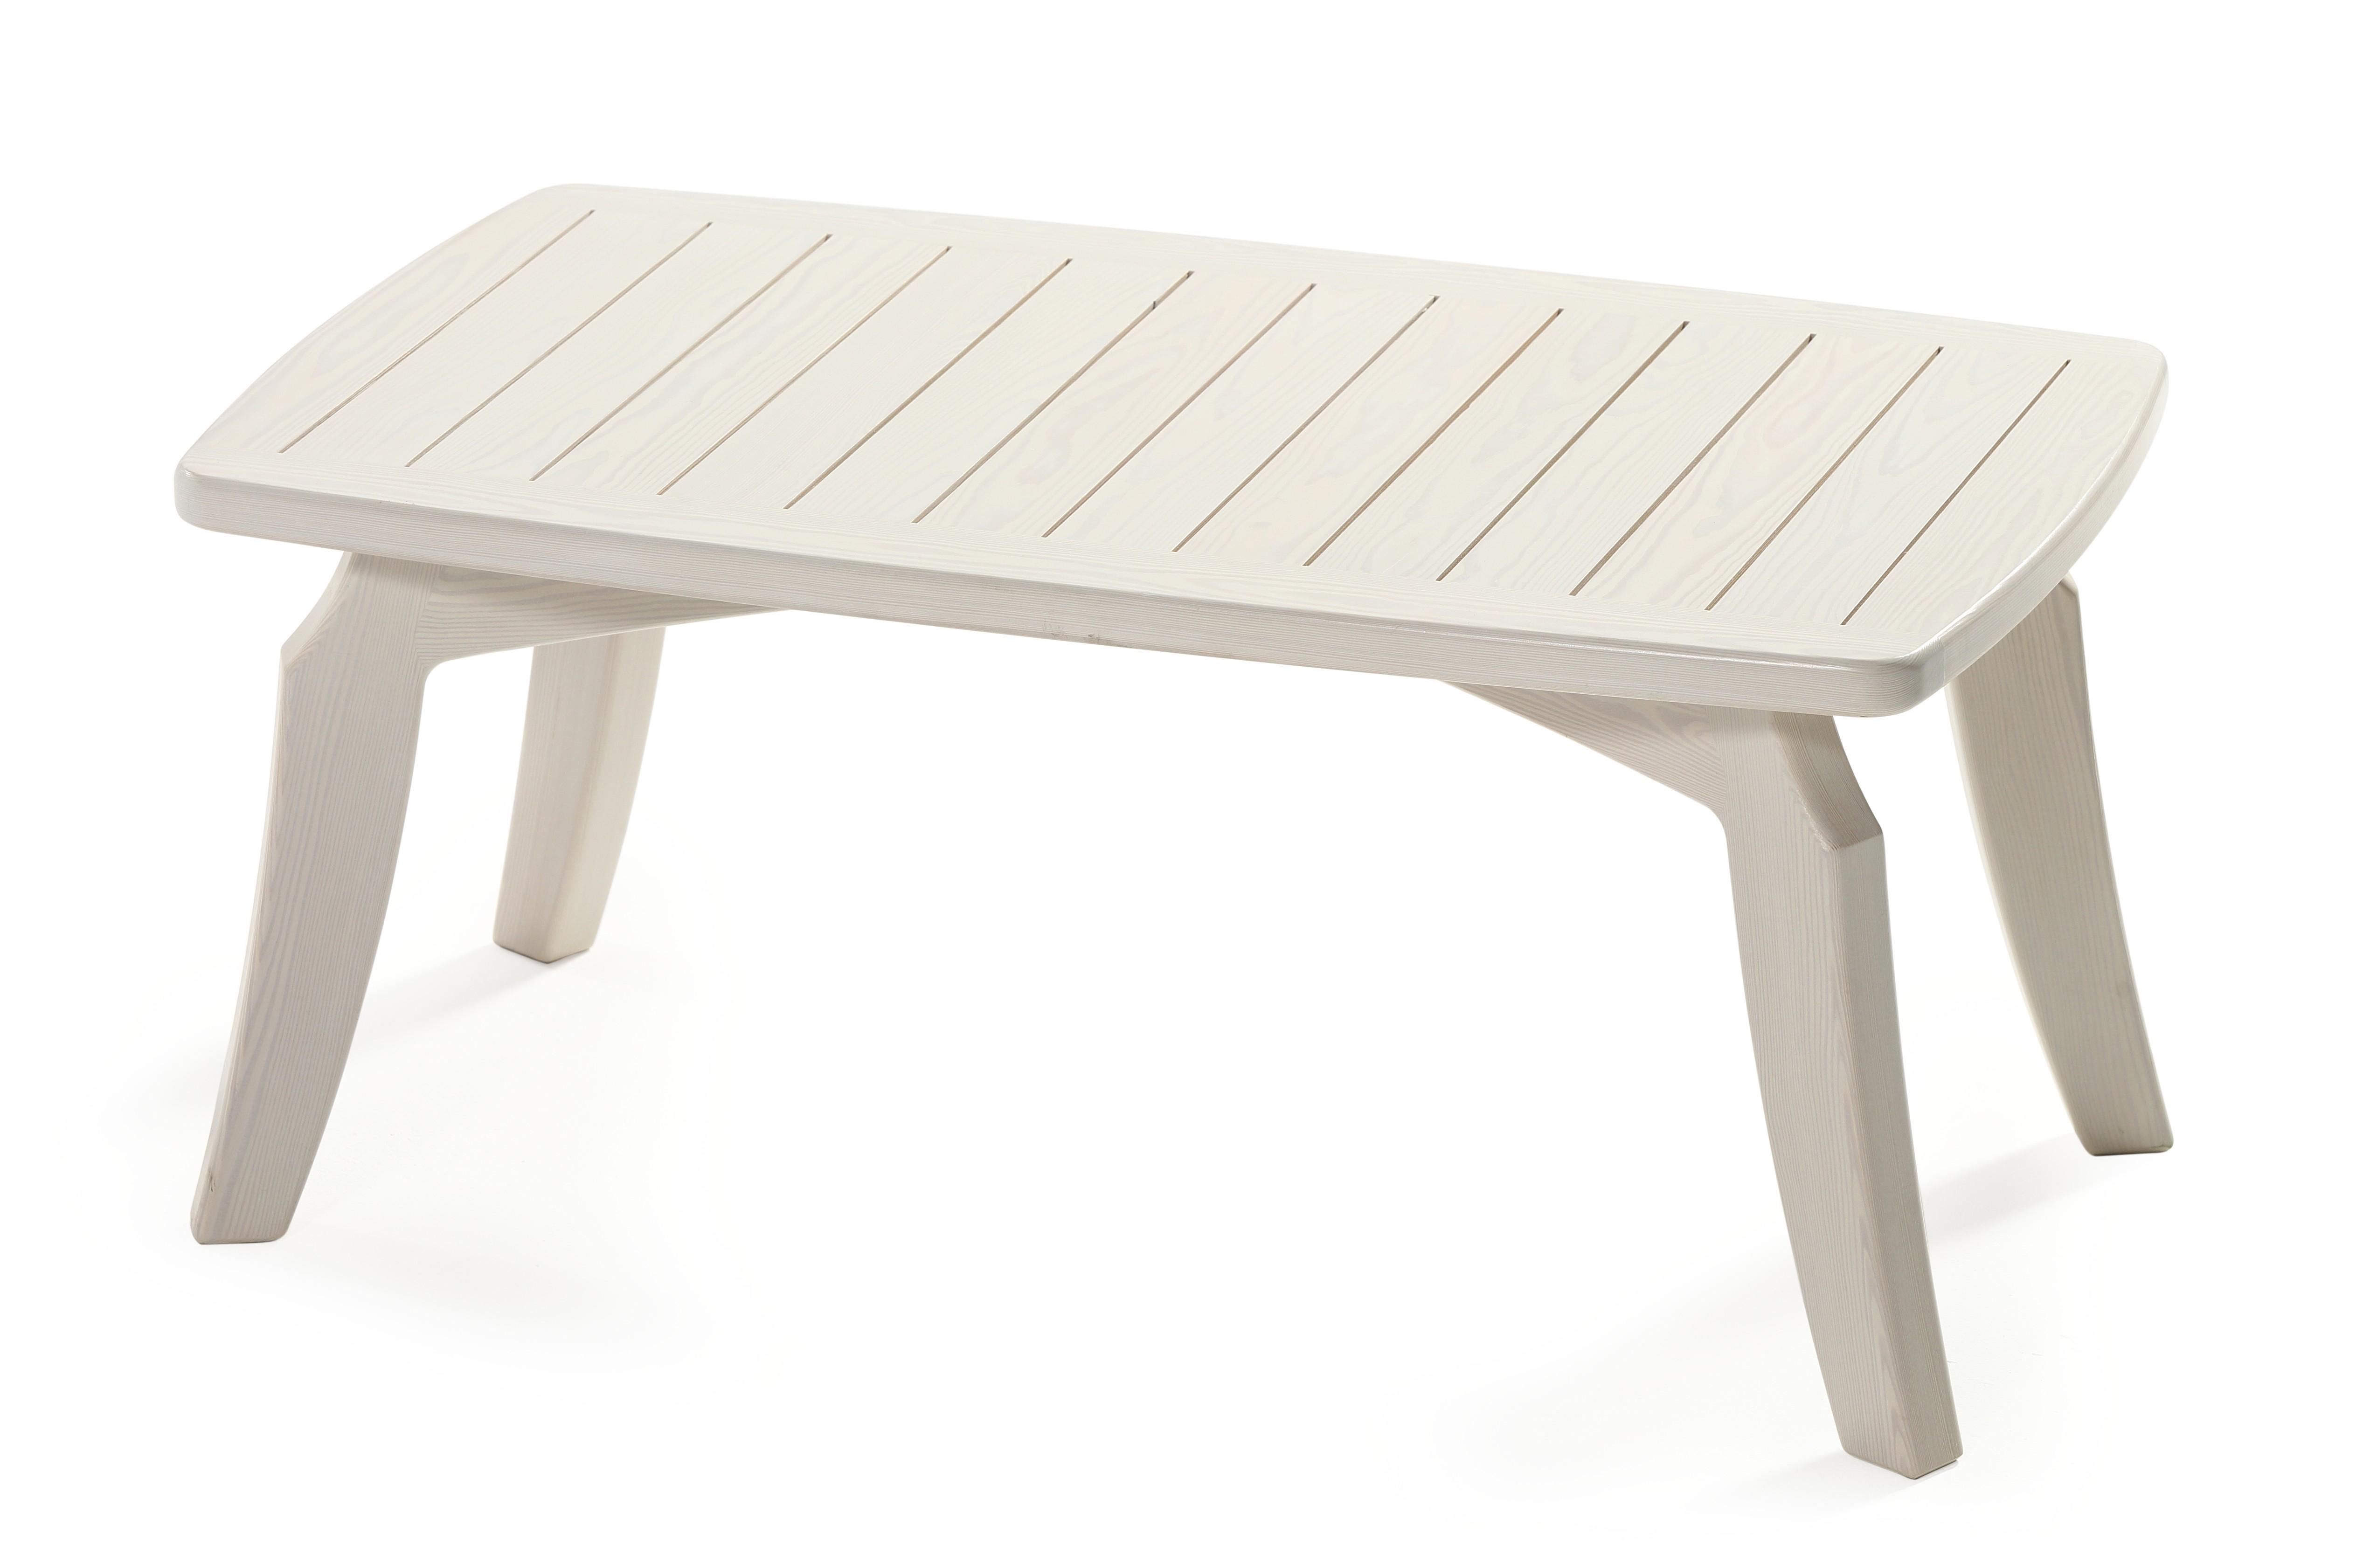 Стол журнальный АристократСтолы и столики для сада<br>Изделие изготовлено из натуральной древесины хвойных пород.<br><br>Material: Дерево<br>Ширина см: 88<br>Высота см: 40<br>Глубина см: 50